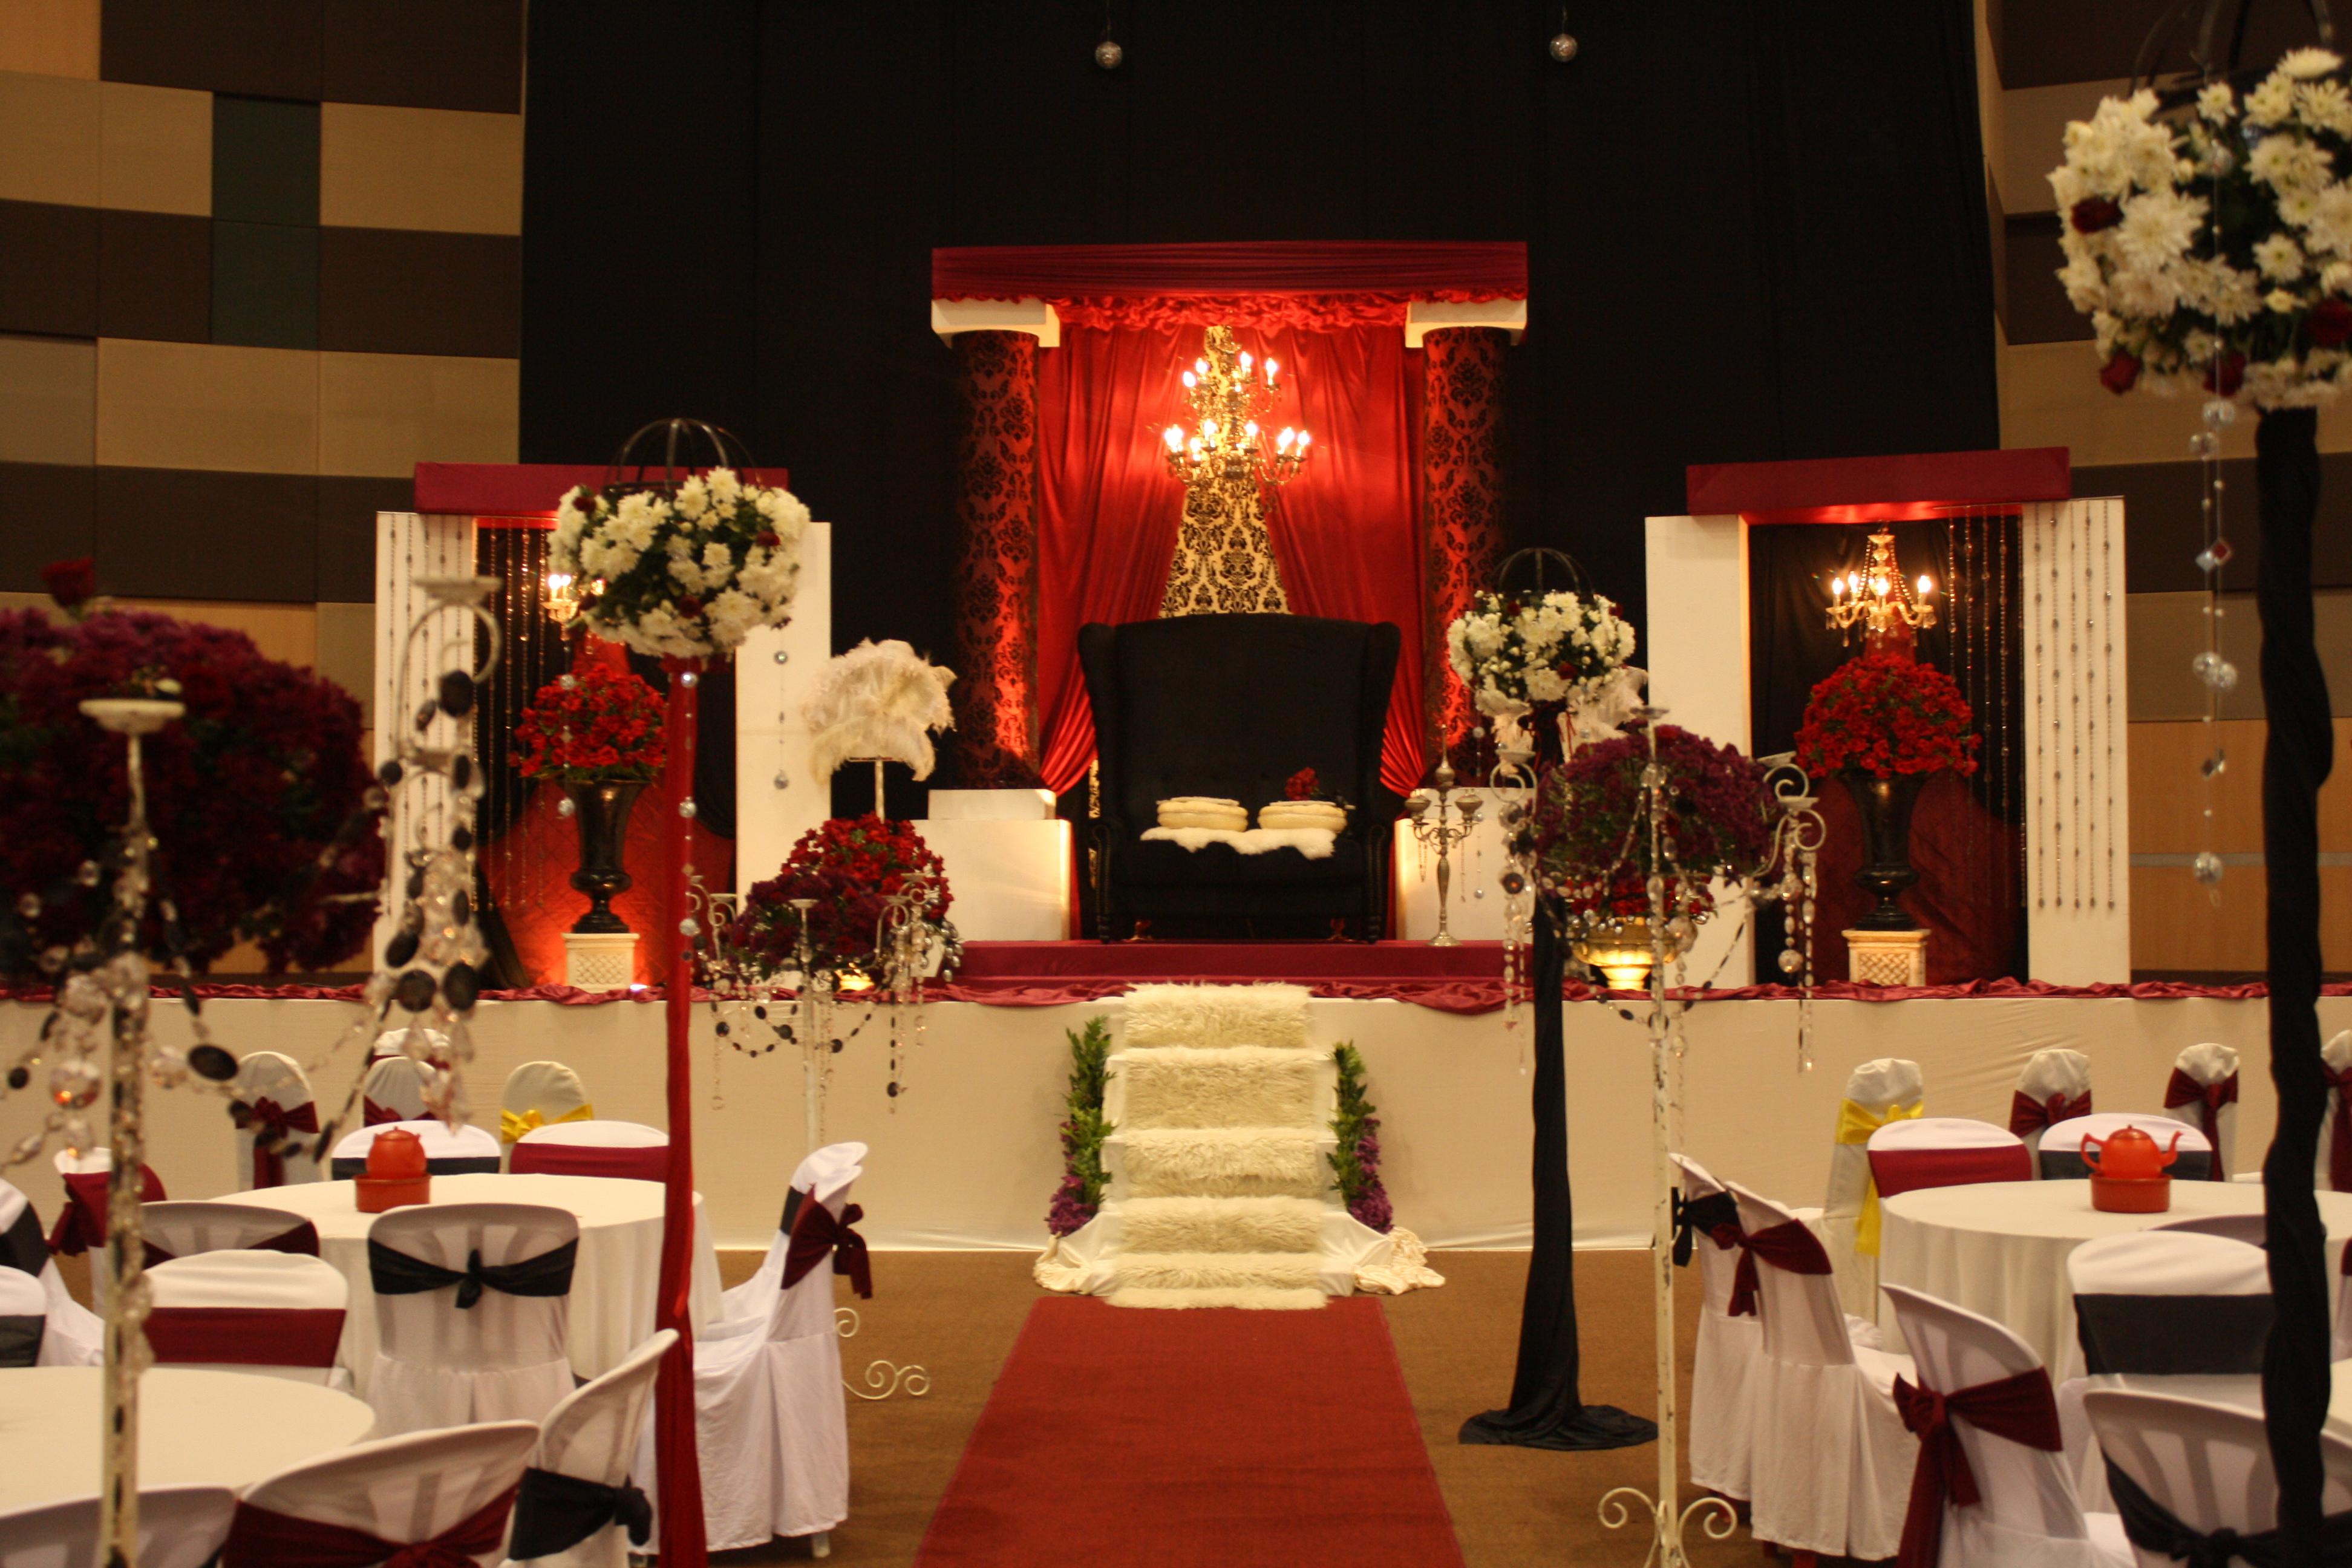 The Glam White Black  Red Wedding  Bukit Damansara  December 2009  ARJUNA CIPTA